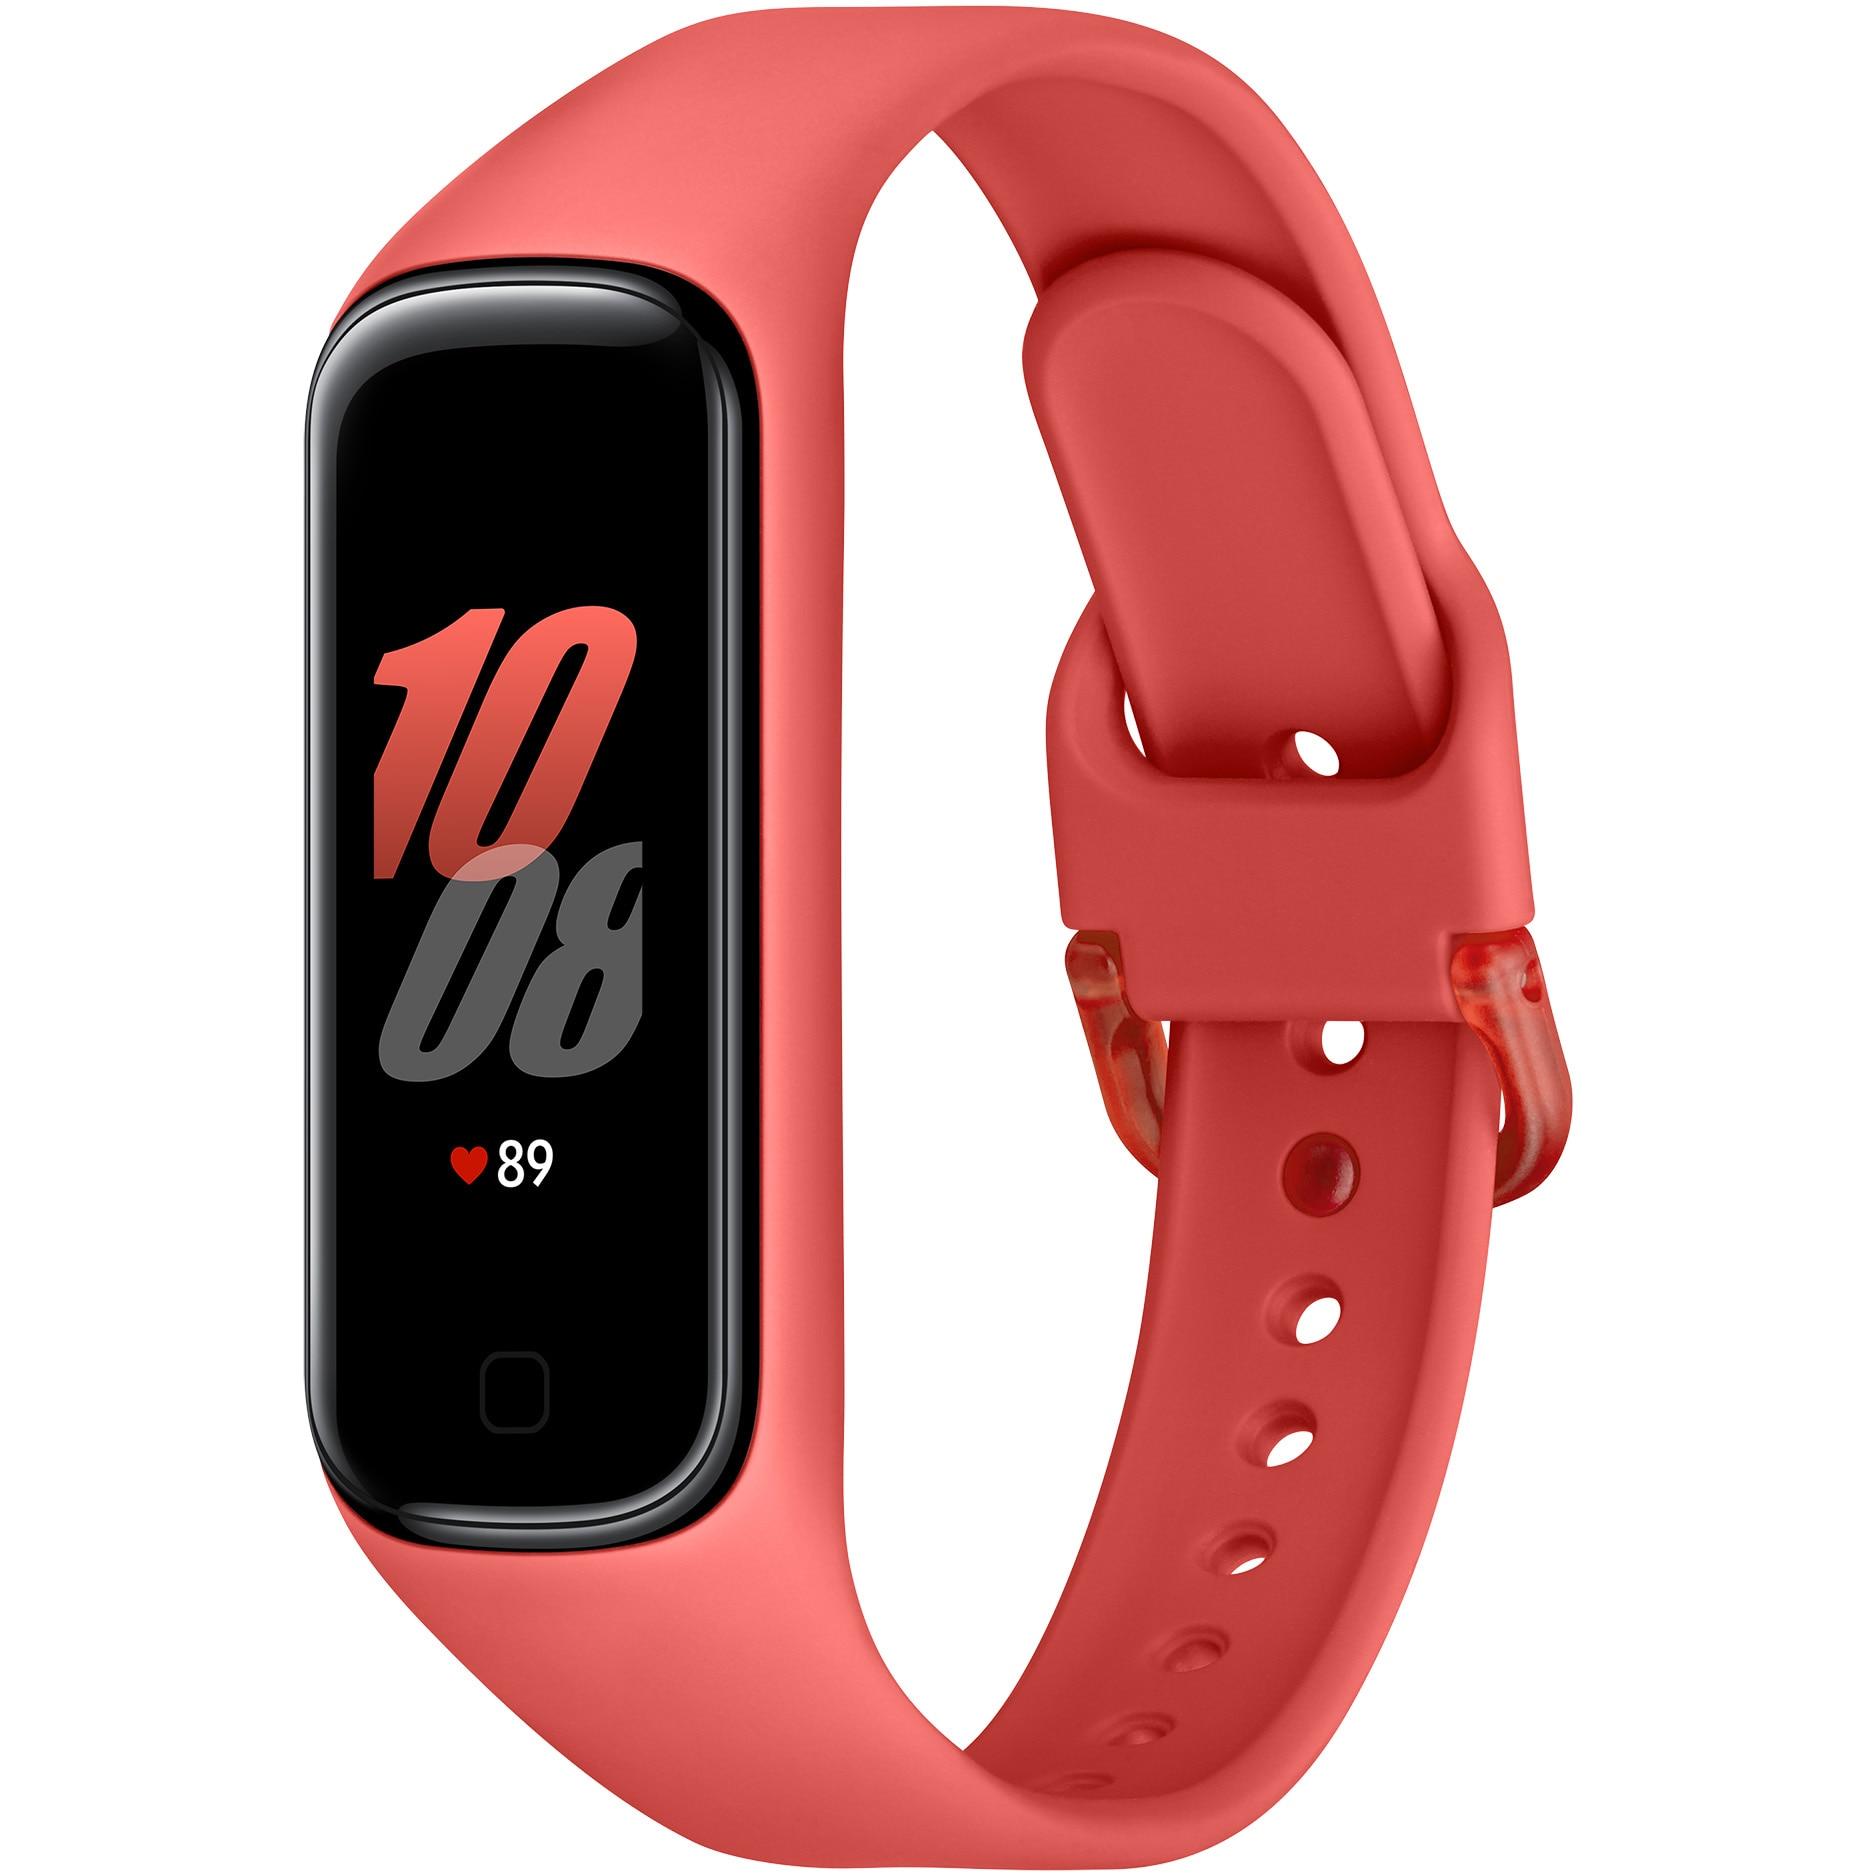 Fotografie Bratara fitness Samsung Galaxy Fit 2, Red